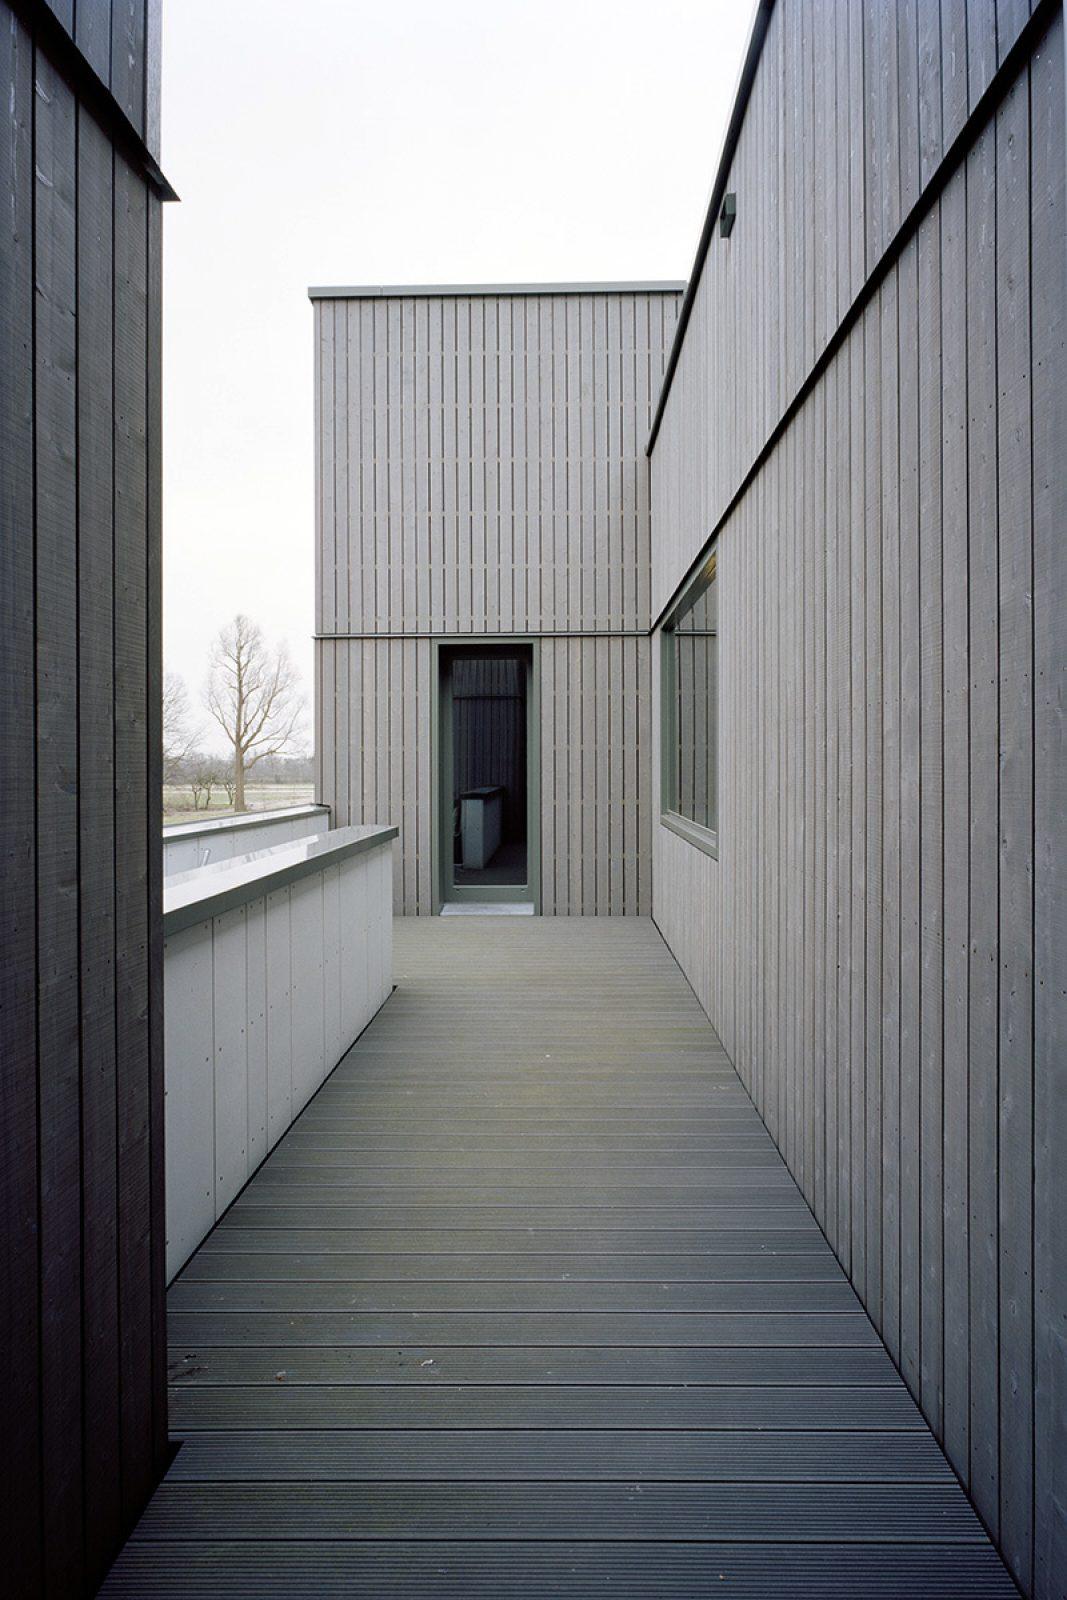 Kamers Terrace